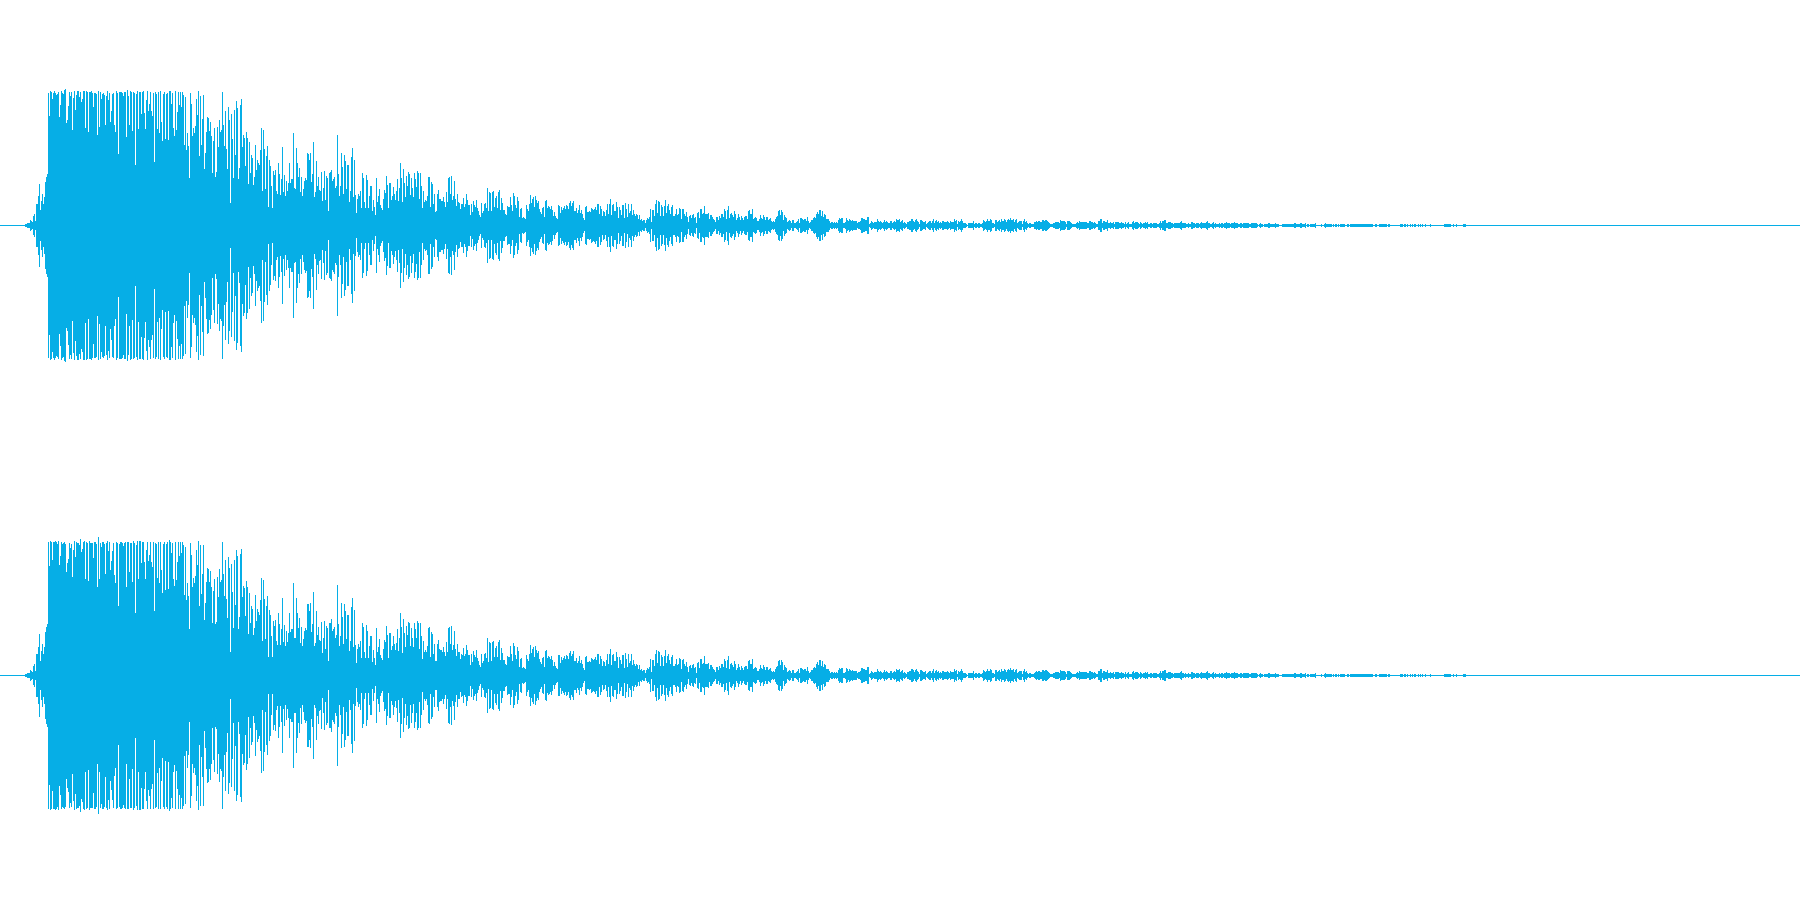 【大砲01-3】の再生済みの波形